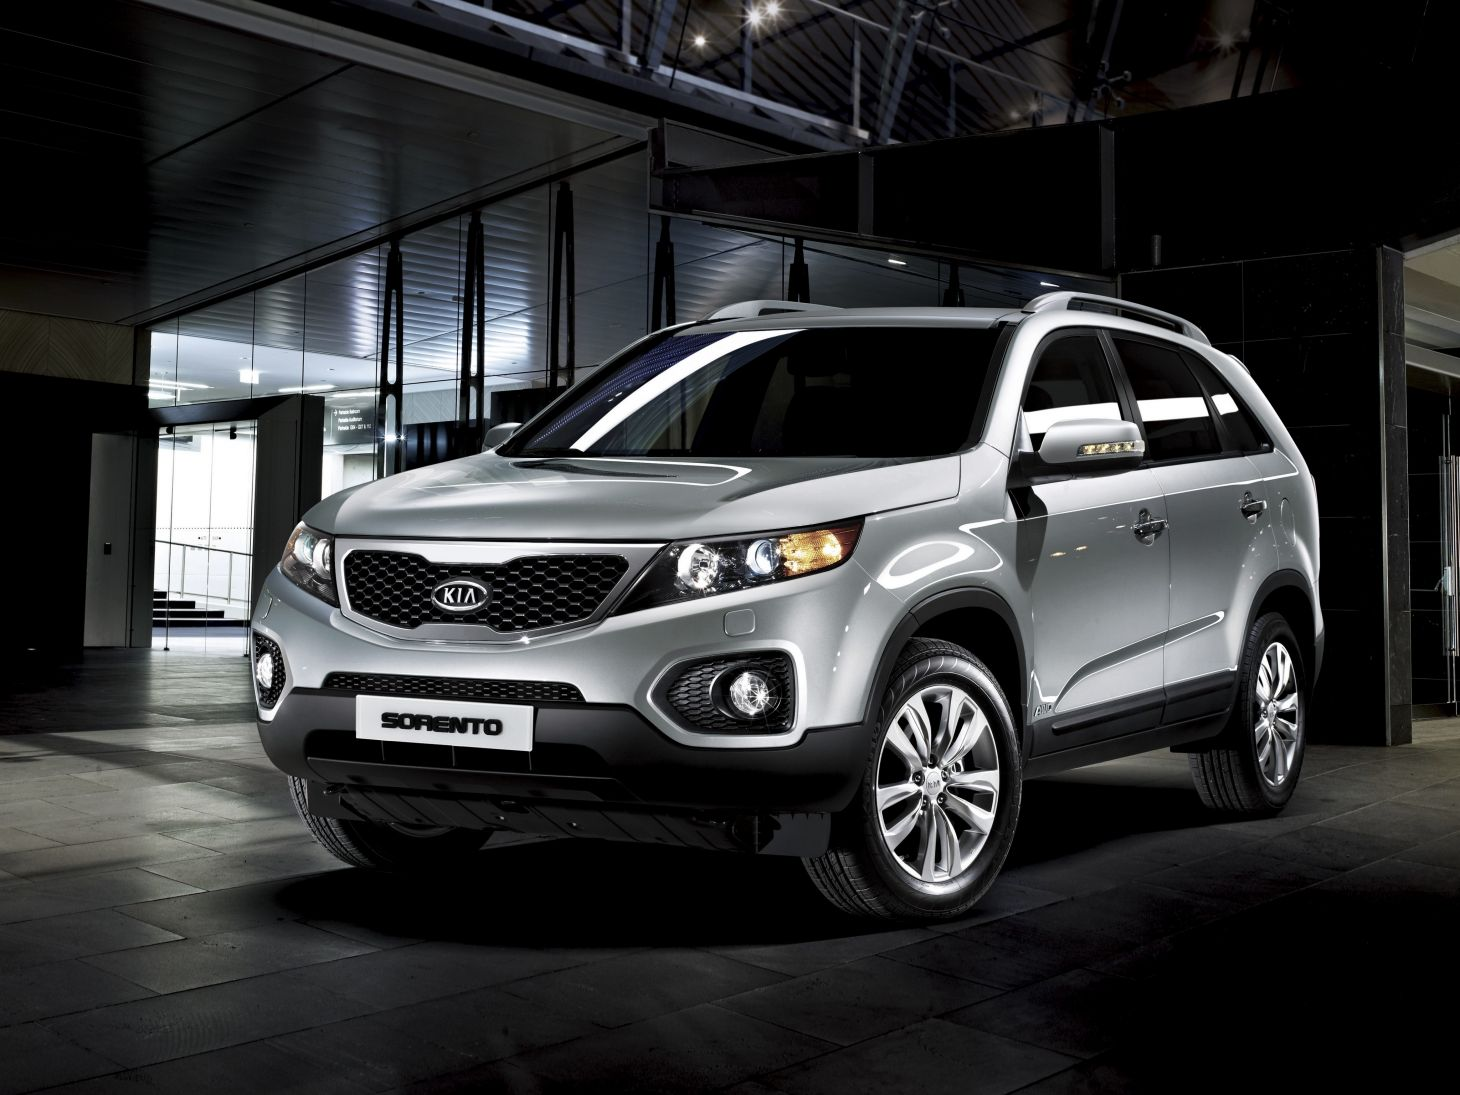 kia_sorento_2012 Carros automáticos usados até R$ 50 mil: 10 opções